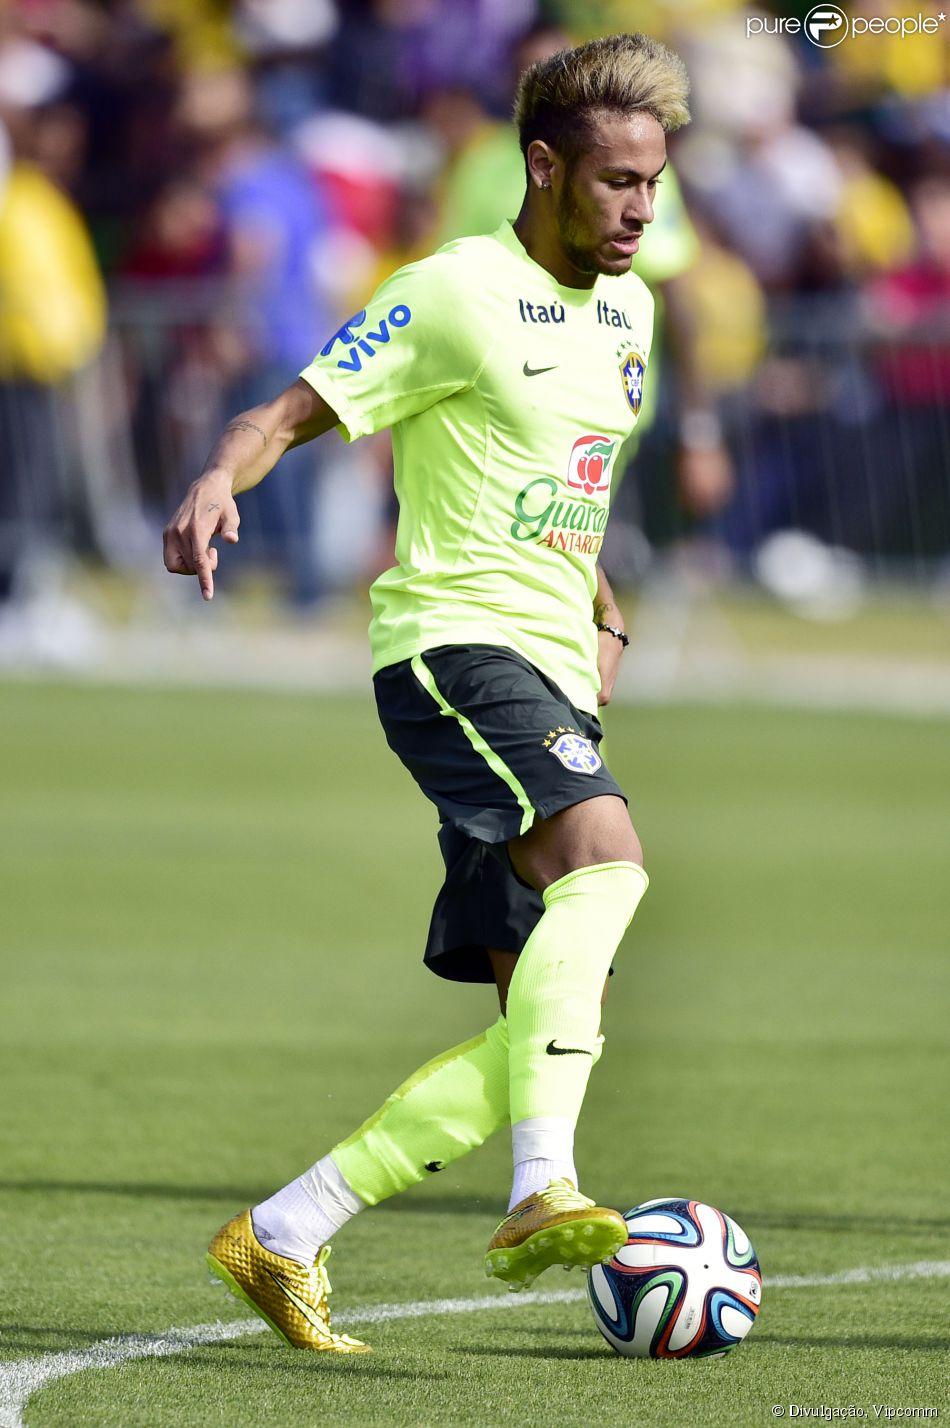 baf9d62068 Neymar treina com a chuteira dourada de R  1